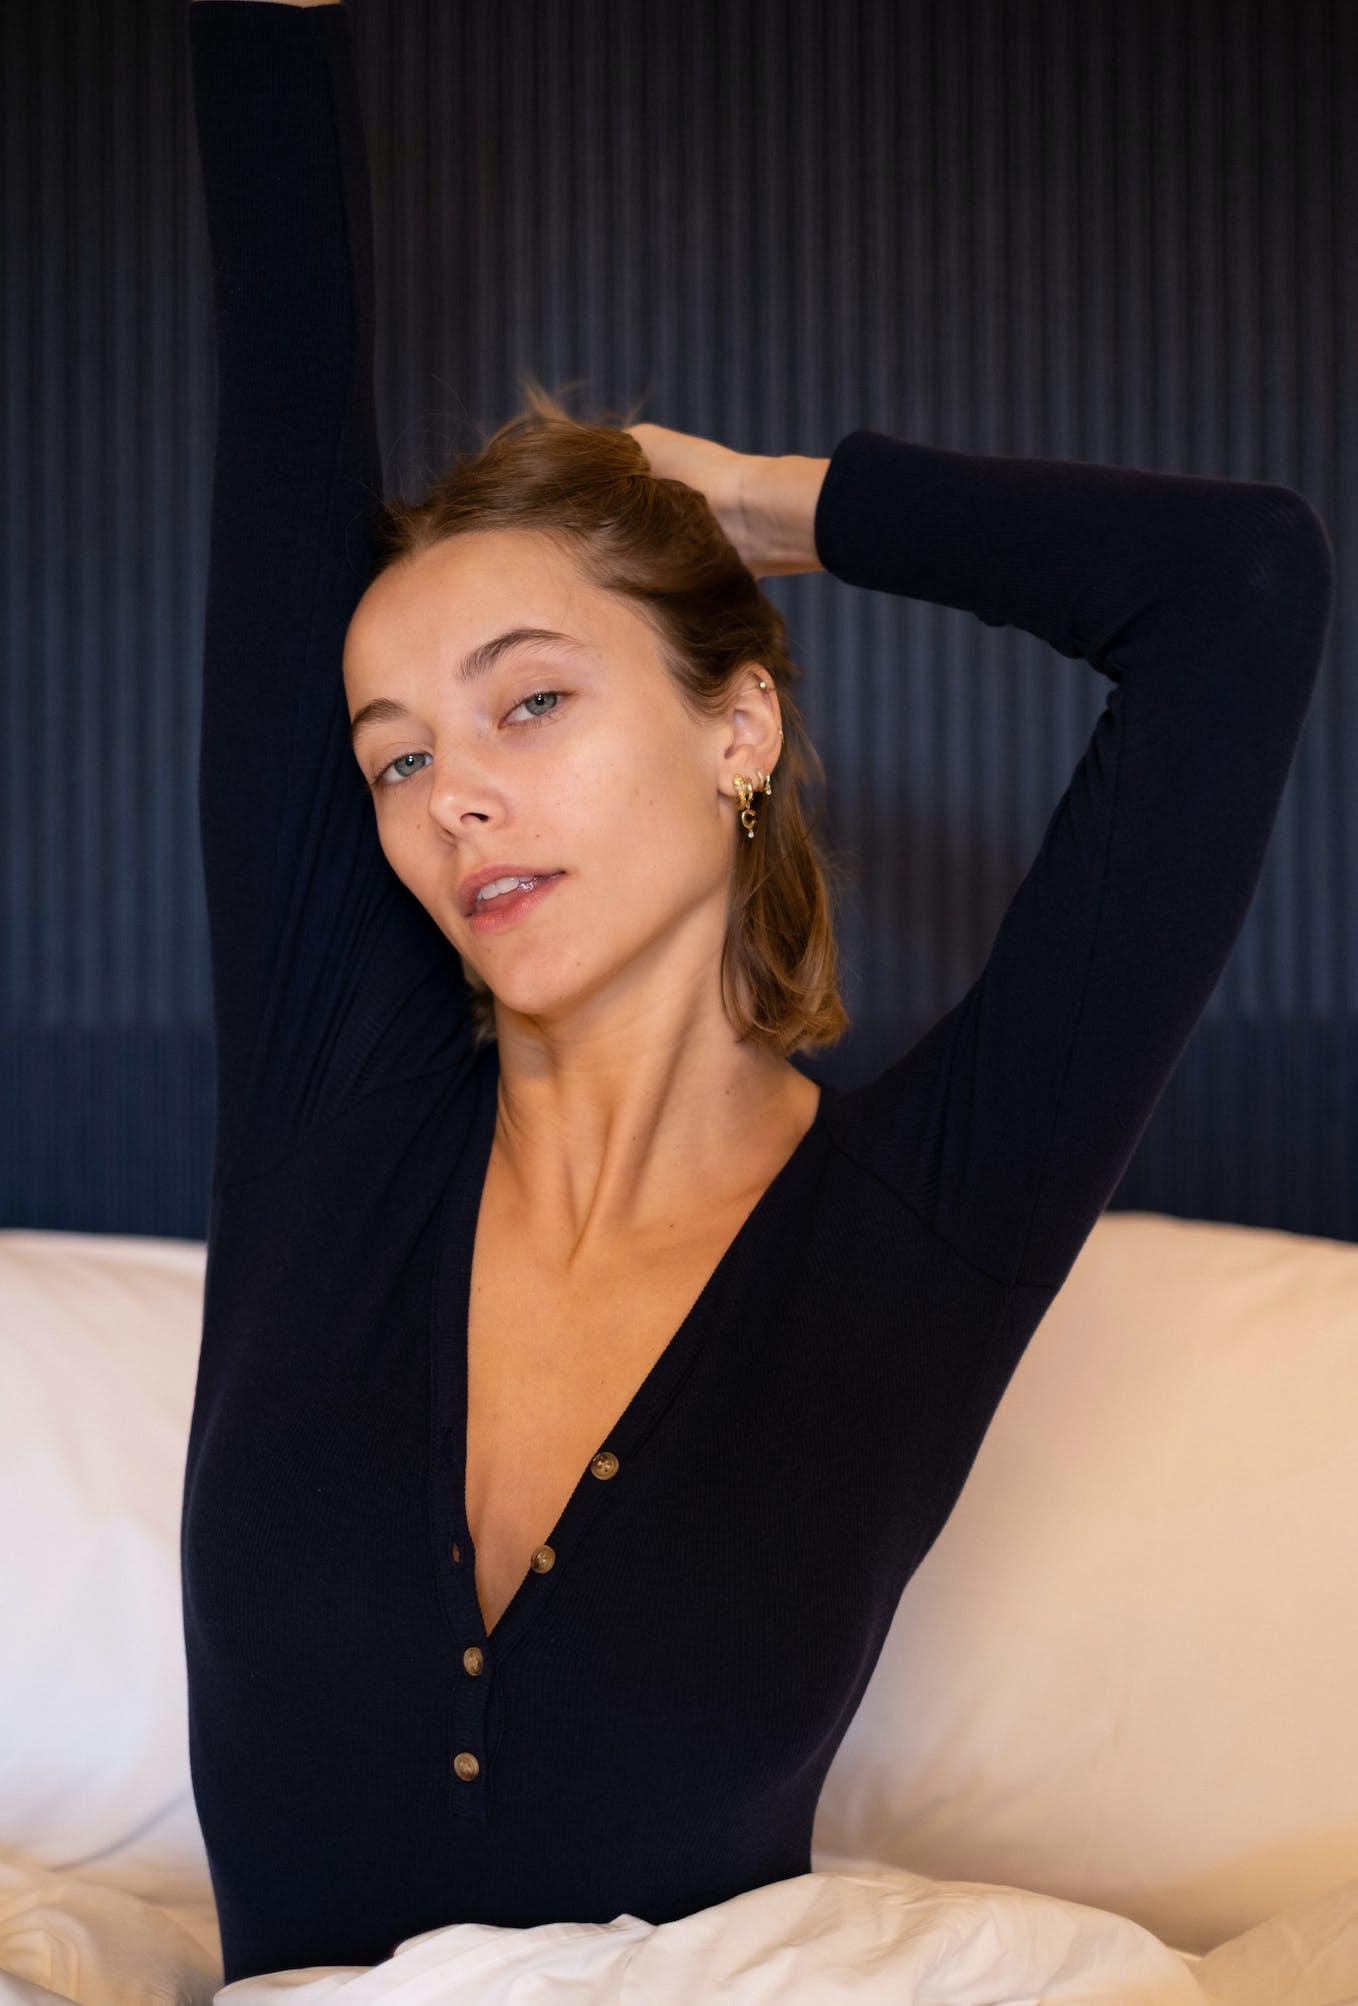 Suzanne bodysuit in navy blue